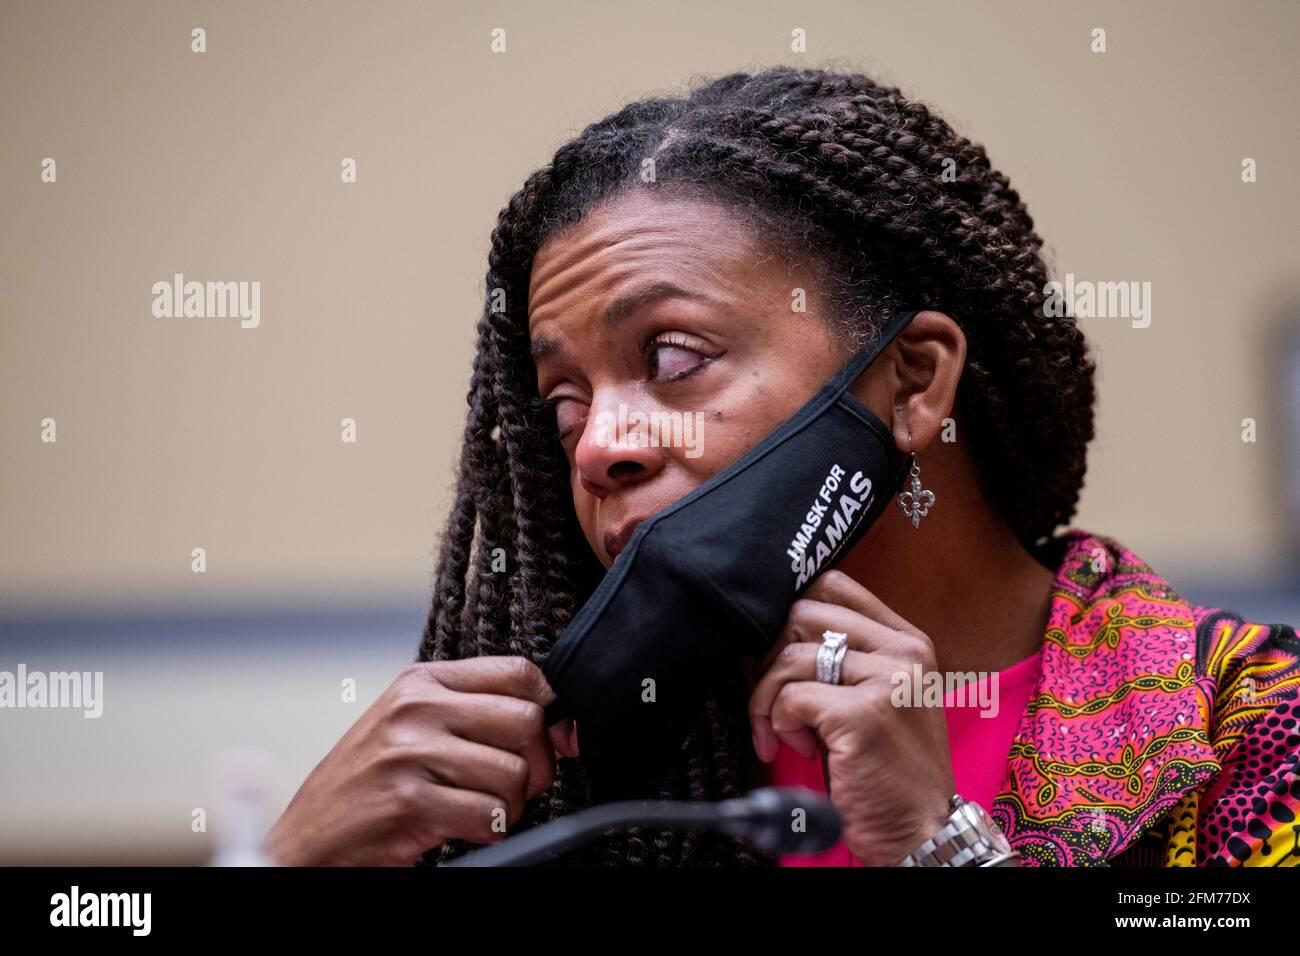 """Joia Adele Crear-Perry, M.D., FACOG, Fundadora y Presidenta de la National Birth Equity Collaborative, escucha la emotiva declaración de apertura de Charles Johnson, esposo de la difunta Kira Johnson y Fundador de 4Kira4Moms cuando aparecen ante un Comité de Supervisión y Reforma de la Cámara de Representantes oyendo """"Birthing While Black: Examinando las Américas Crisis de Salud Materna Negra"""" en el Edificio de la Oficina de Rayburn House en Washington, DC, jueves, 6 de mayo de 2021. Crédito: Rod Lamkey/CNP /MediaPunch Foto de stock"""